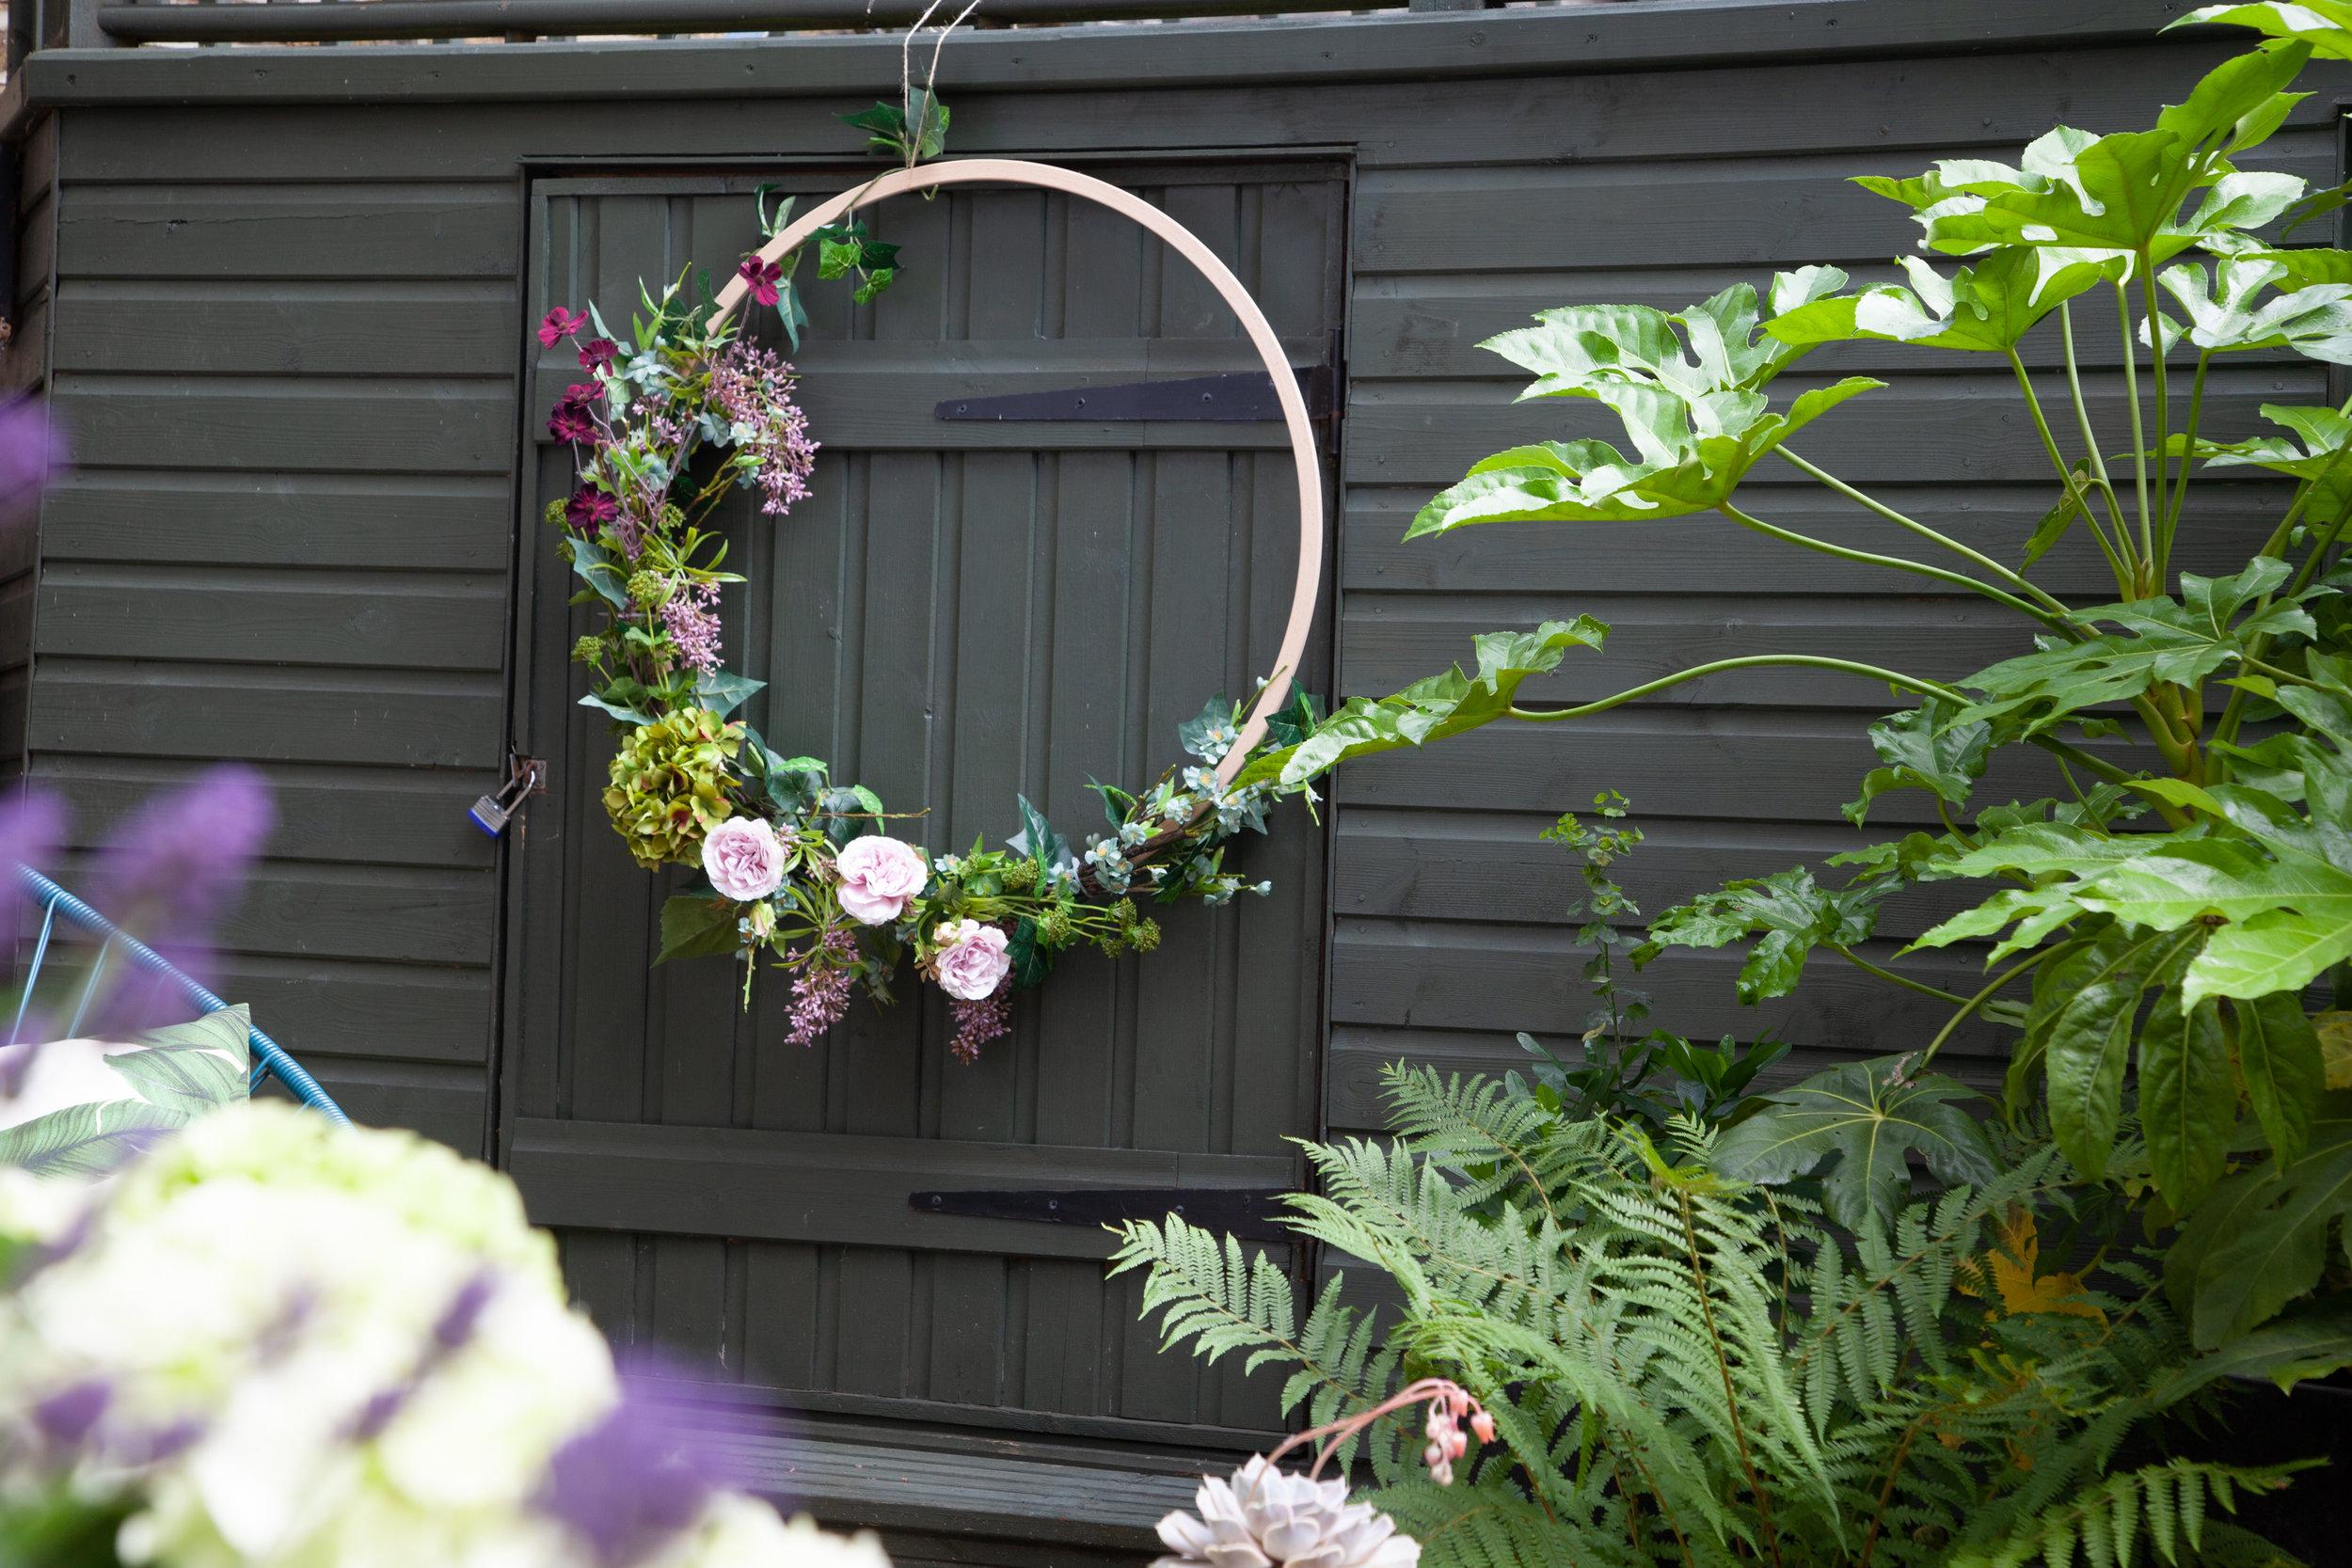 Wreath on the playhouse